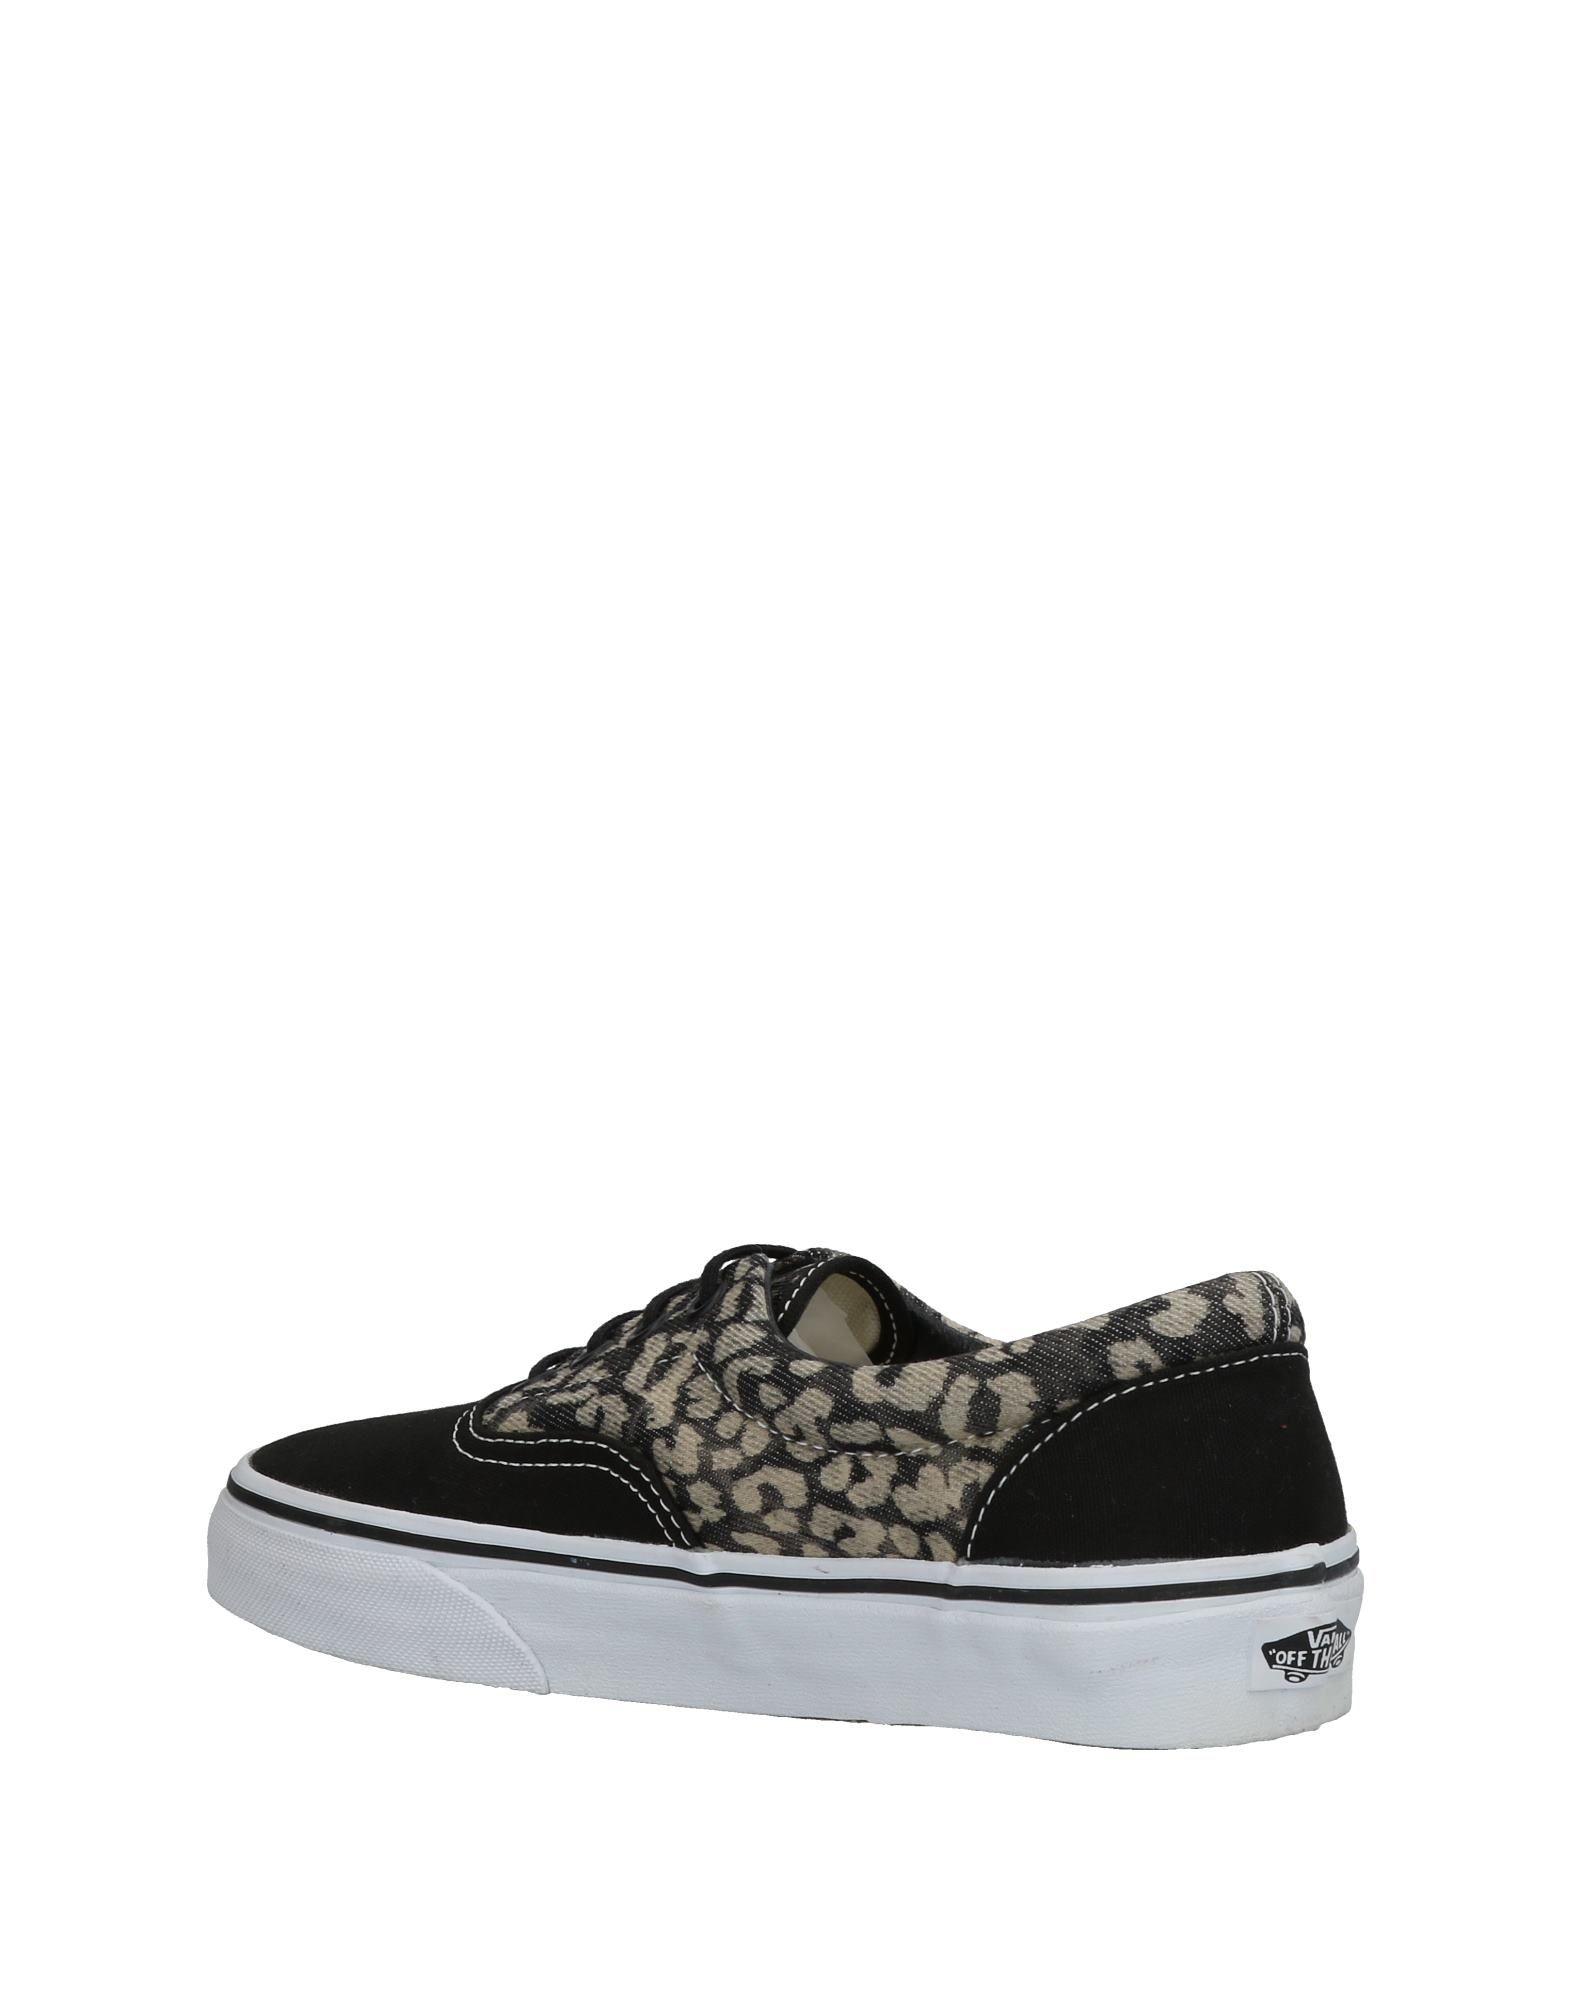 Vans Sneakers Damen  11439960BA Heiße Heiße 11439960BA Schuhe d3c337